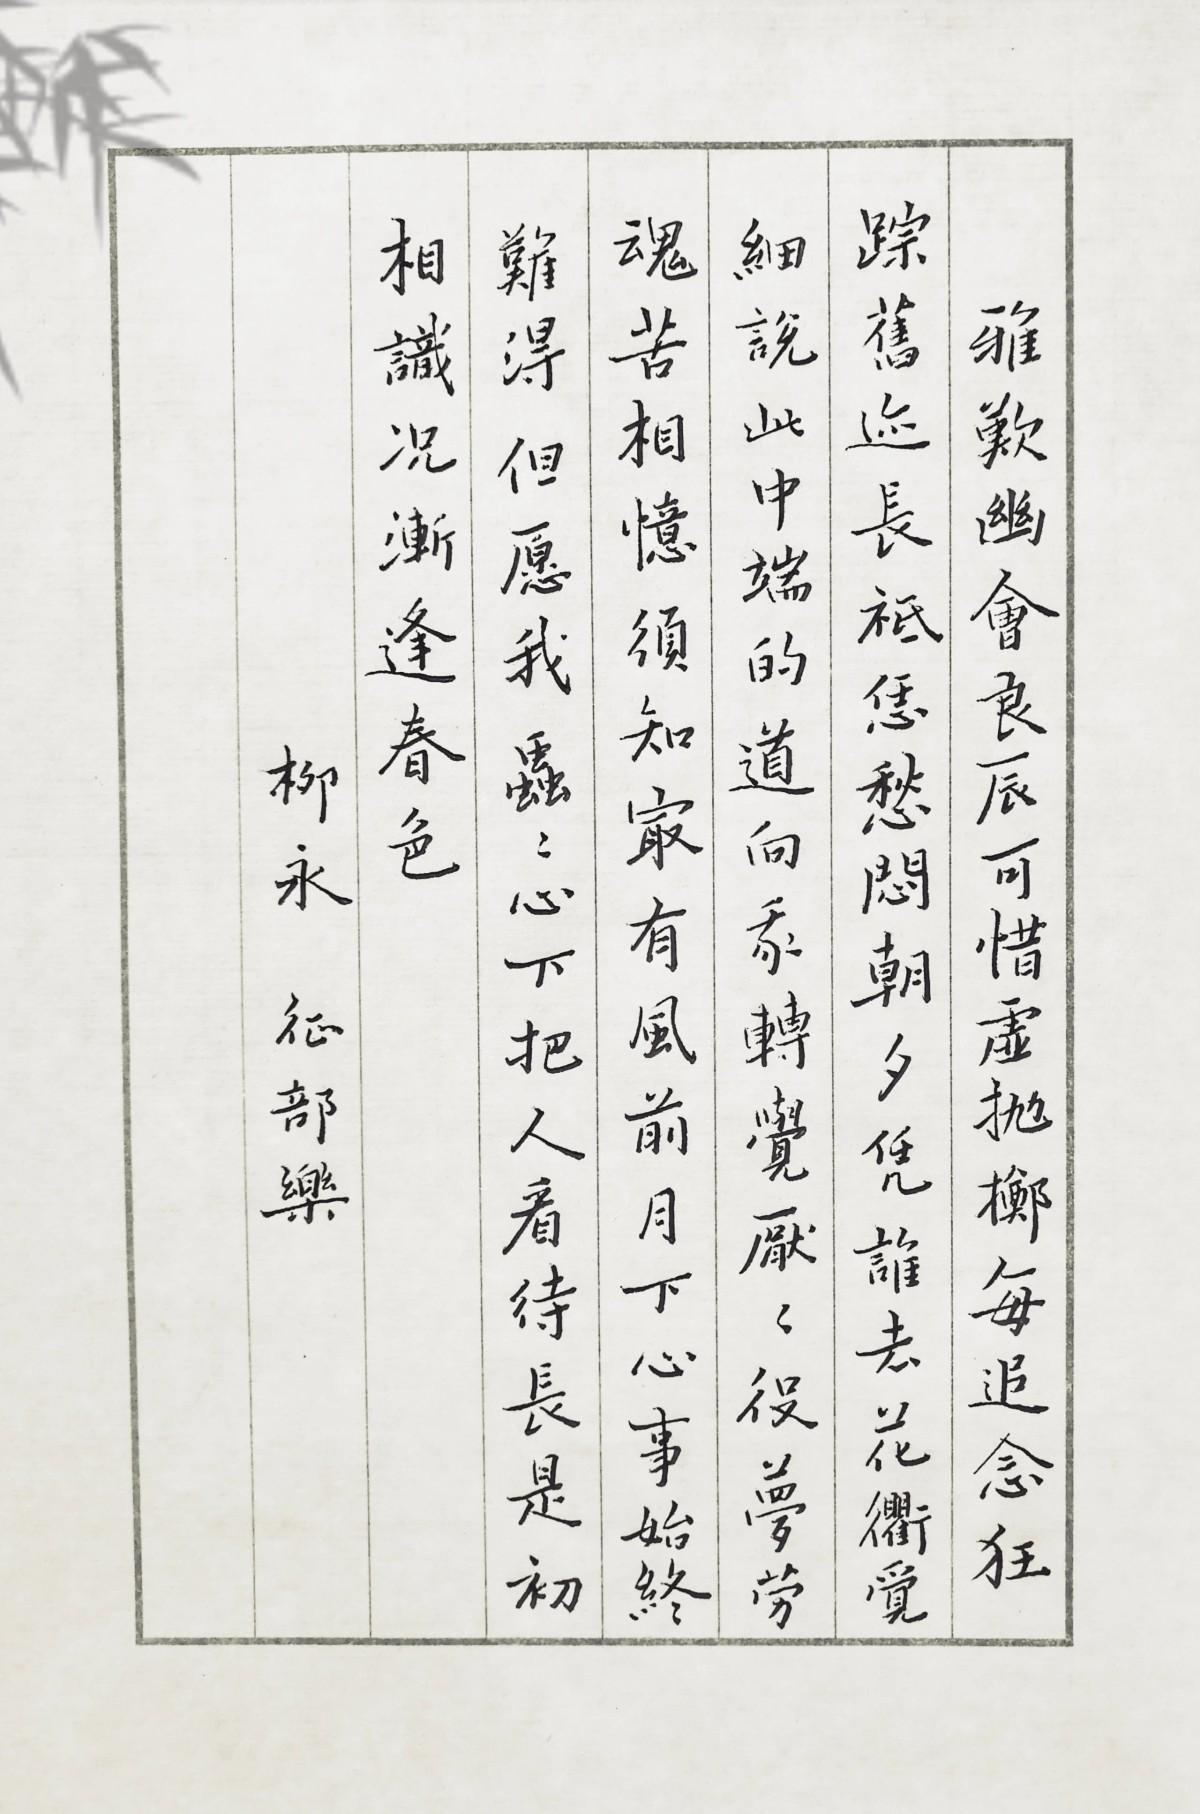 钢笔爱好者练字打卡20201110-17